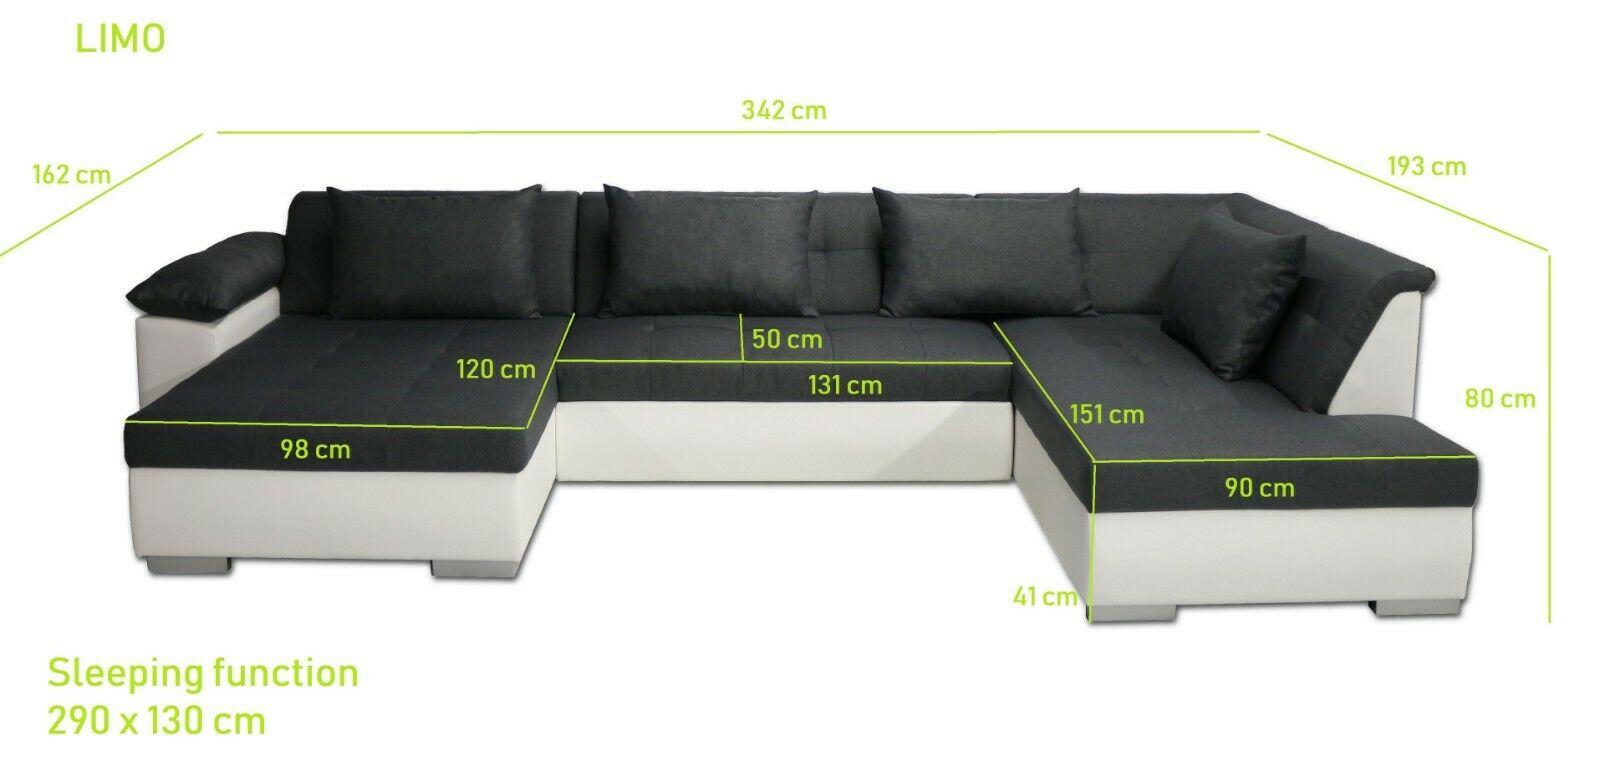 Couchgarnitur Limo U Form Mit Schlaffunktion Couch Polster Sofa